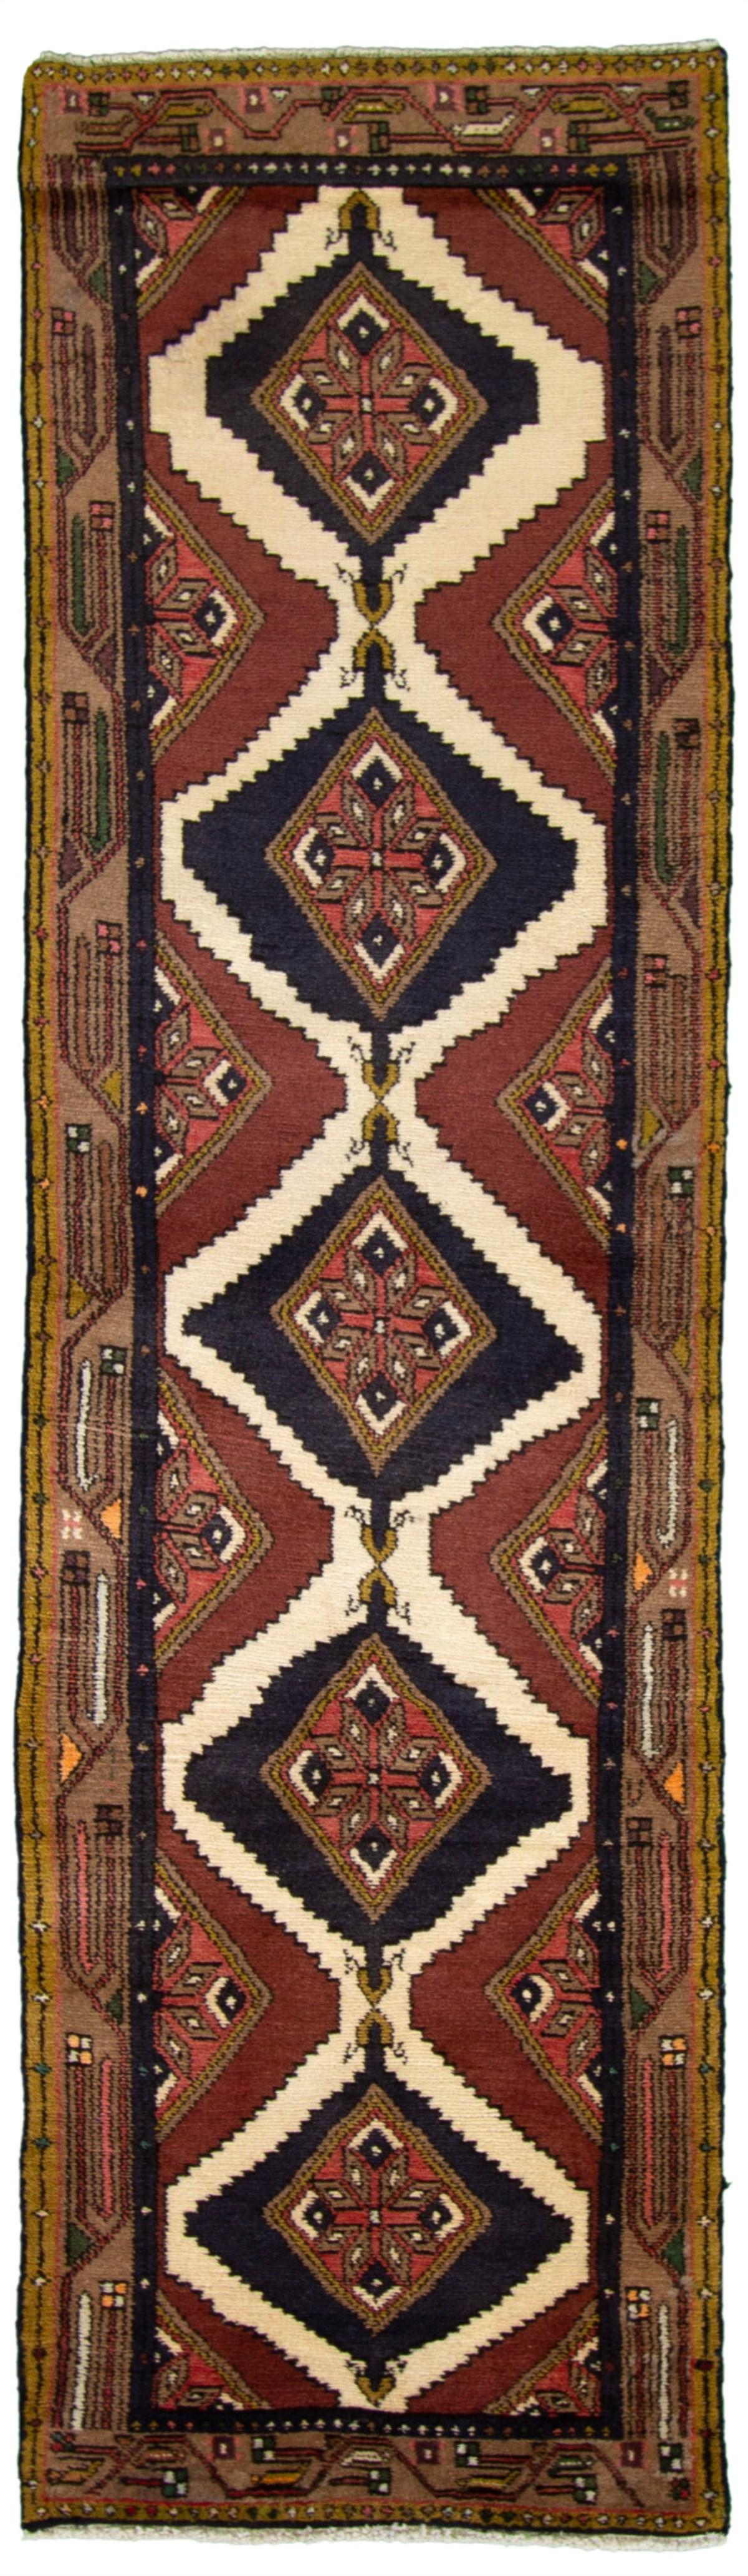 """Hand-knotted Darjazin Cream, Dark Red Wool Rug 2'7"""" x 10'0"""" Size: 2'7"""" x 10'0"""""""